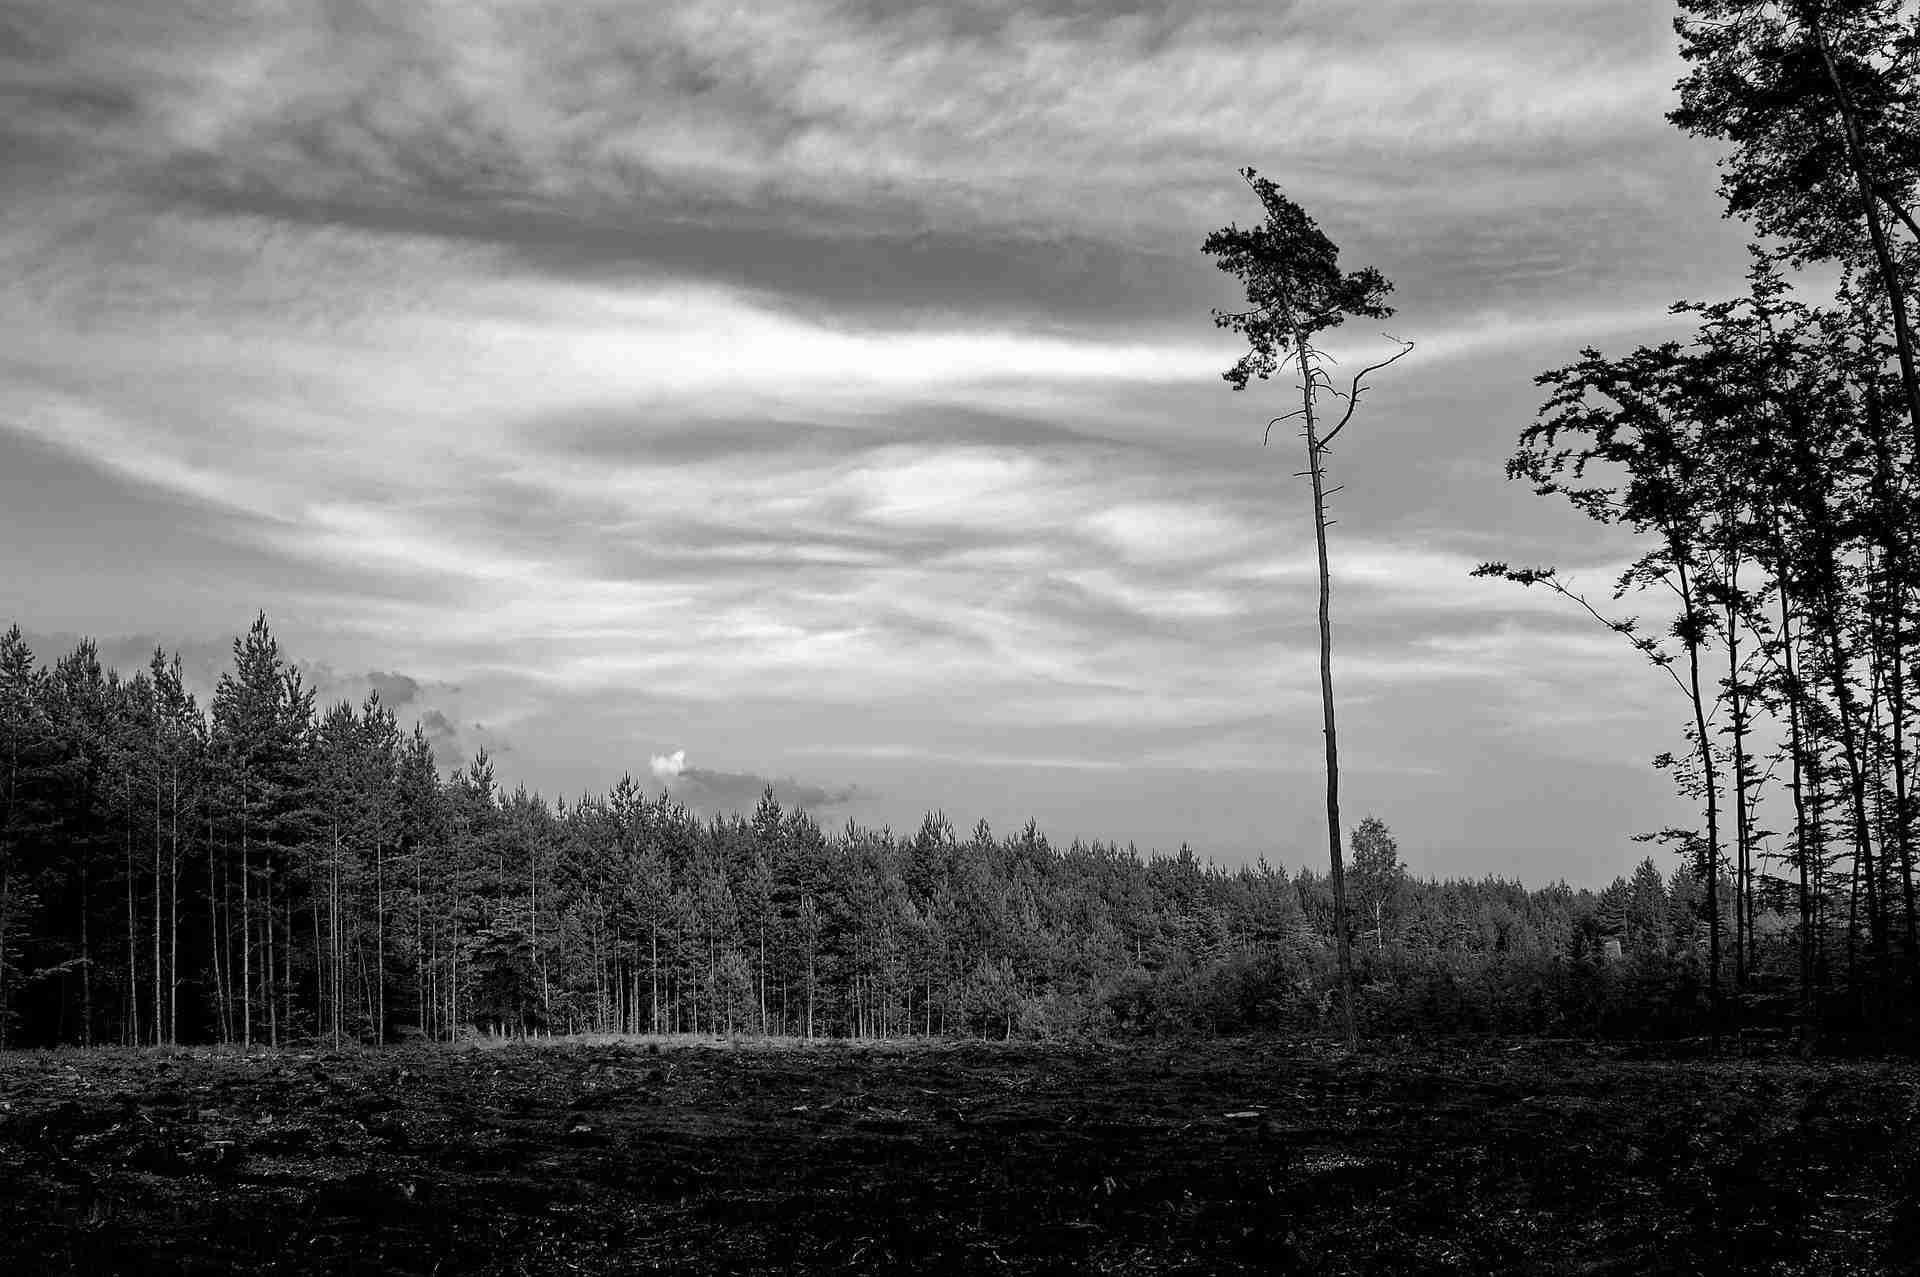 desolation clear cut forest peachland bc